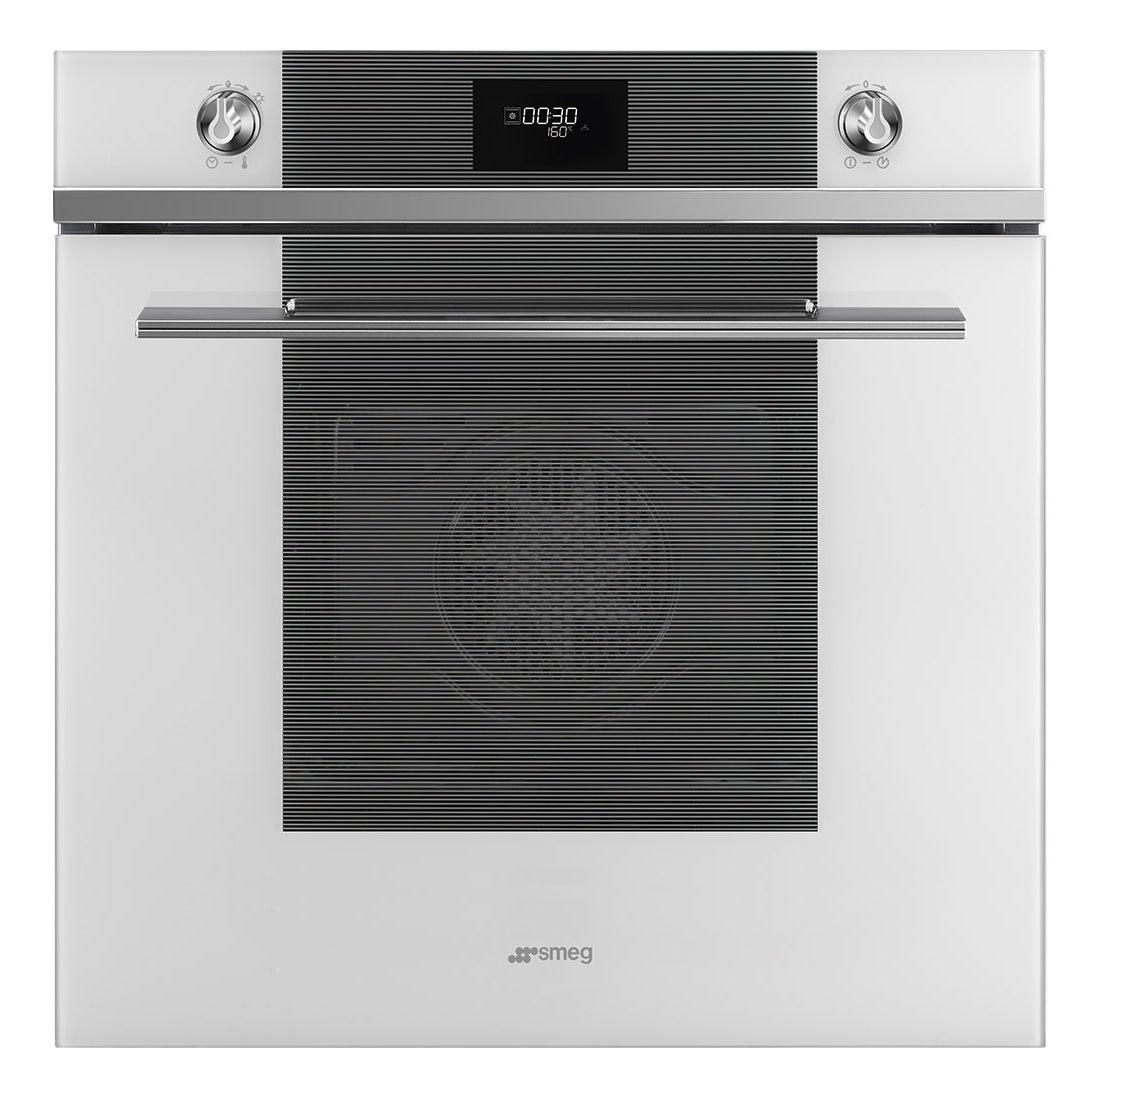 Smeg SFP6101TVB Oven